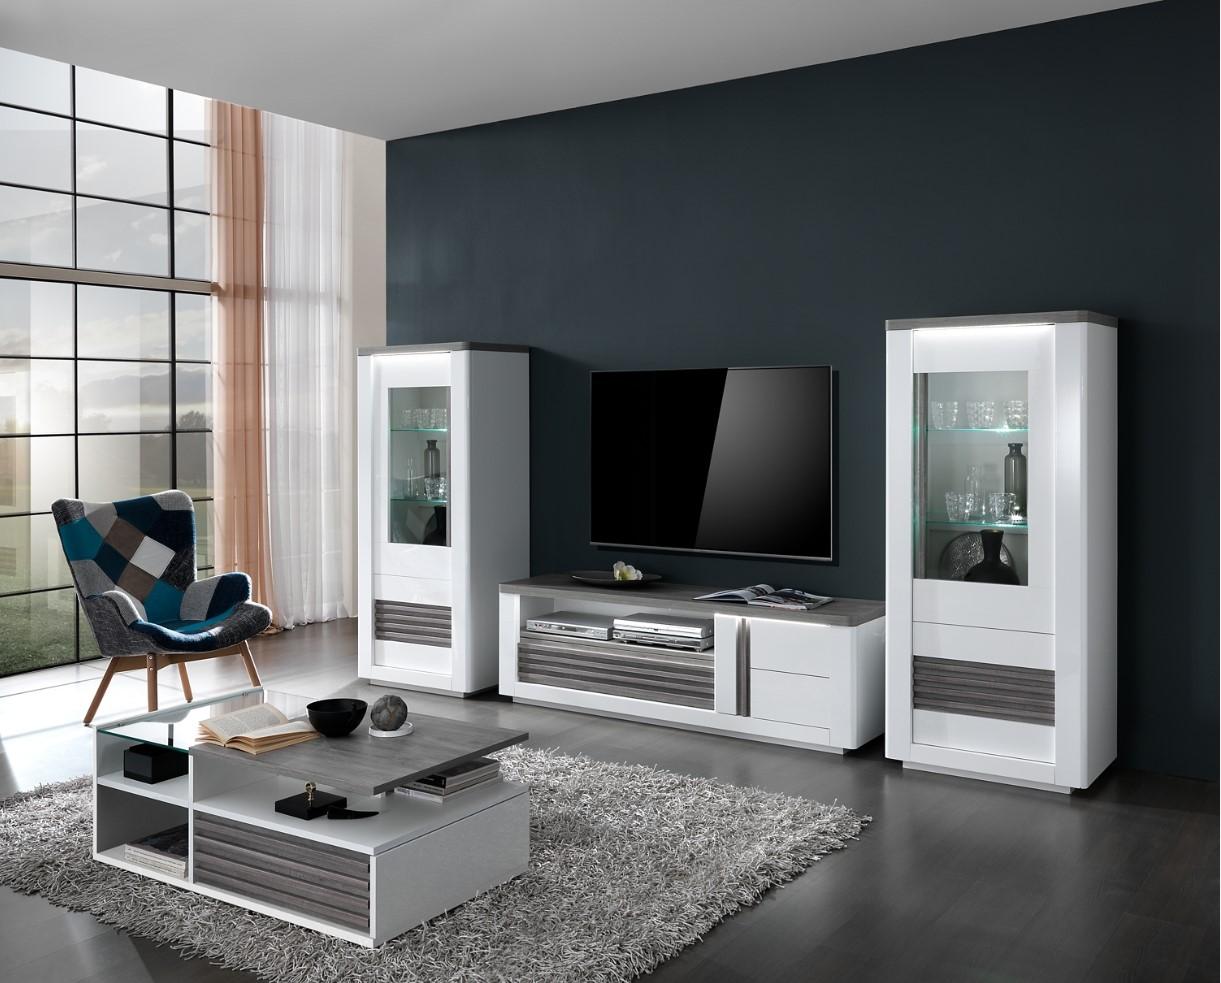 Meuble TV VERTIGO blanc/chêne gris